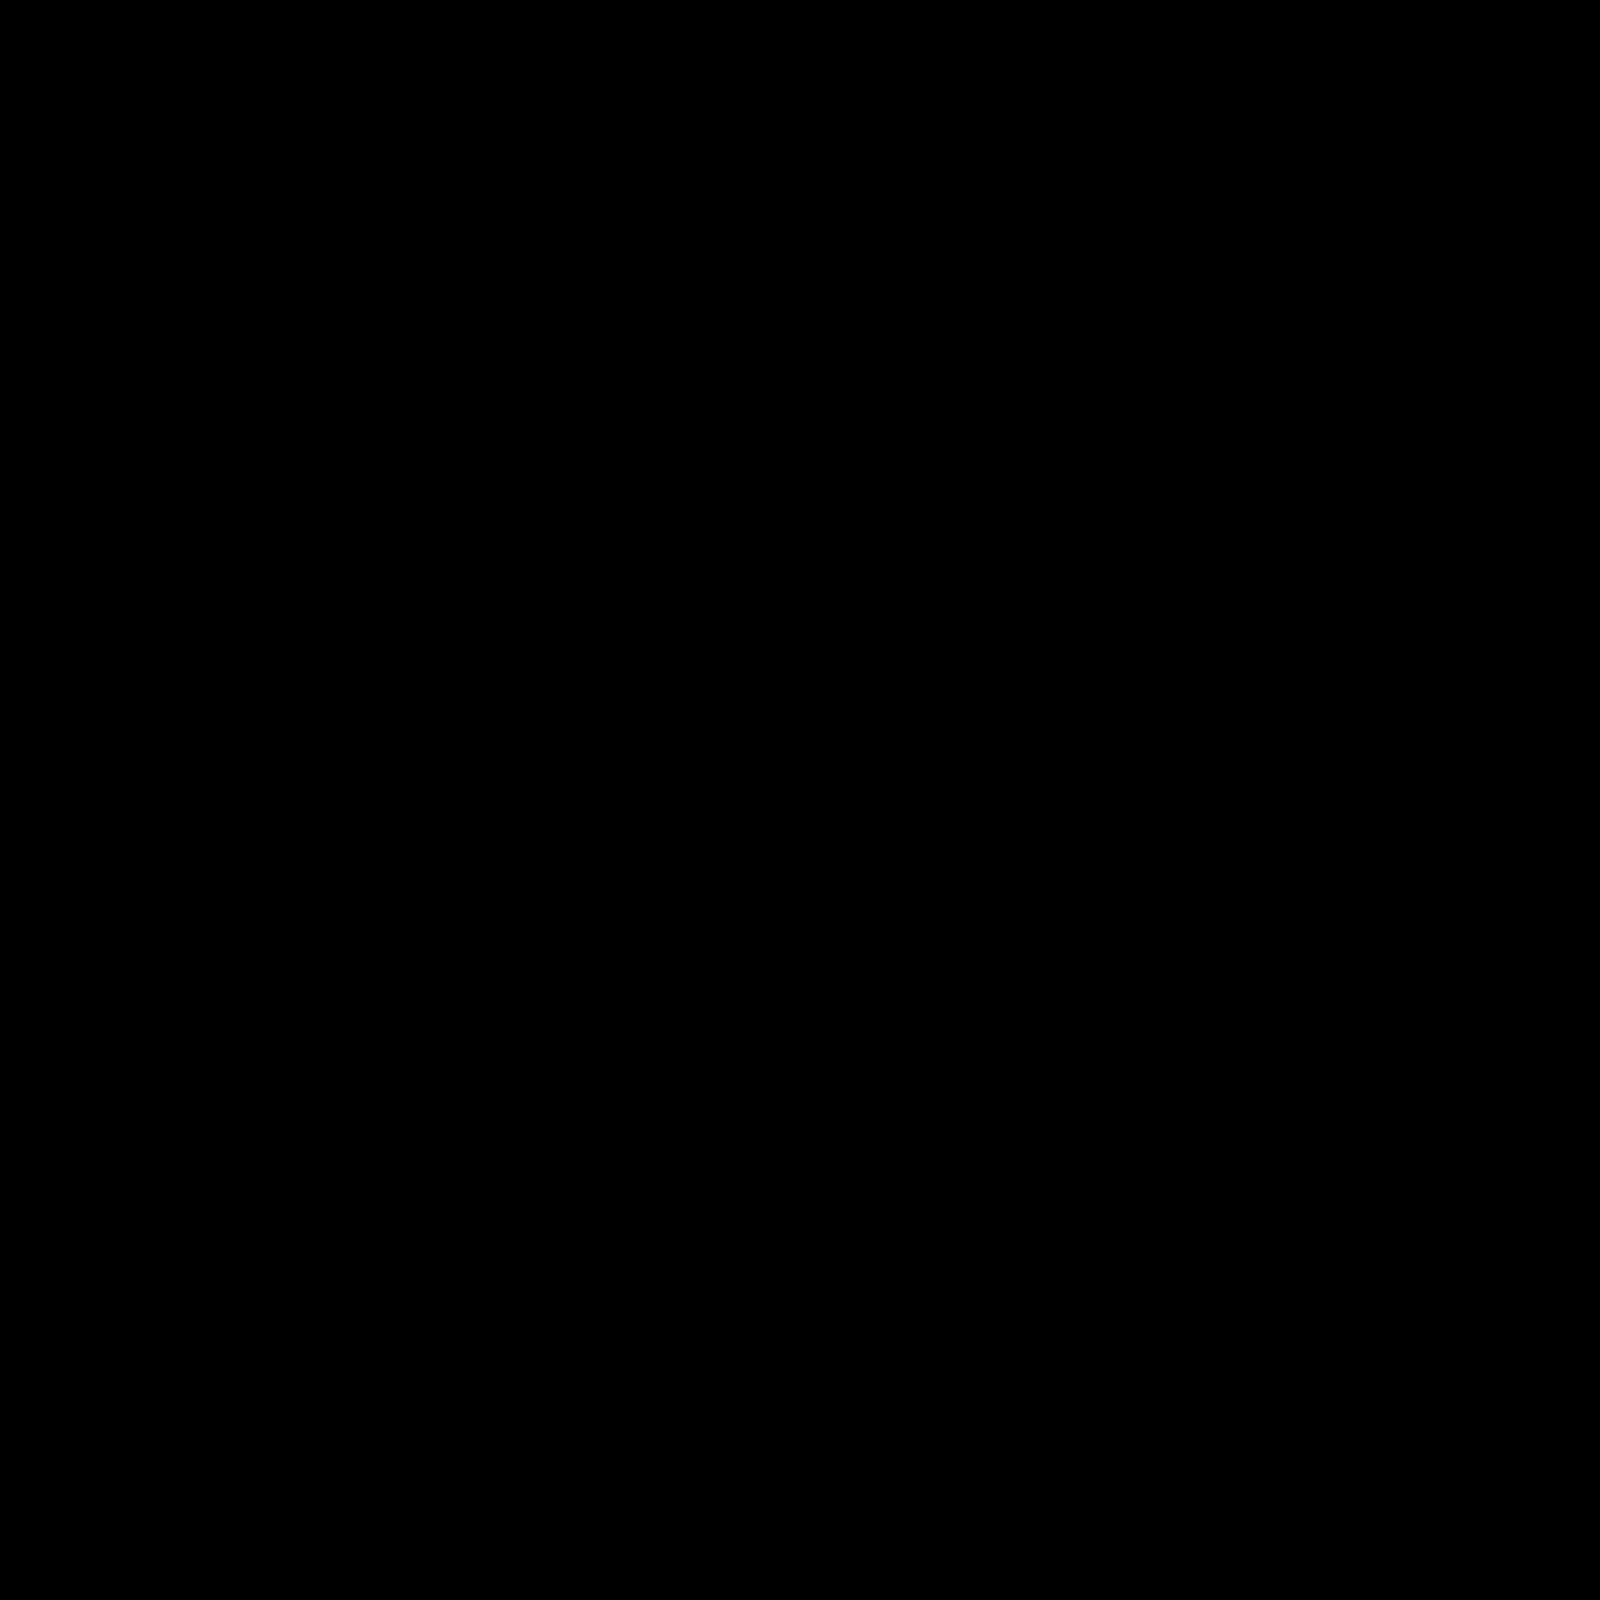 フラグ2 icon. This is an icon for representing flag 2. There is a long vertical line with the flag waving to the right of it. There is nothing on the flag. It is plain. The flag is made up of two curved perpendicular lines and a vertical line at the end.